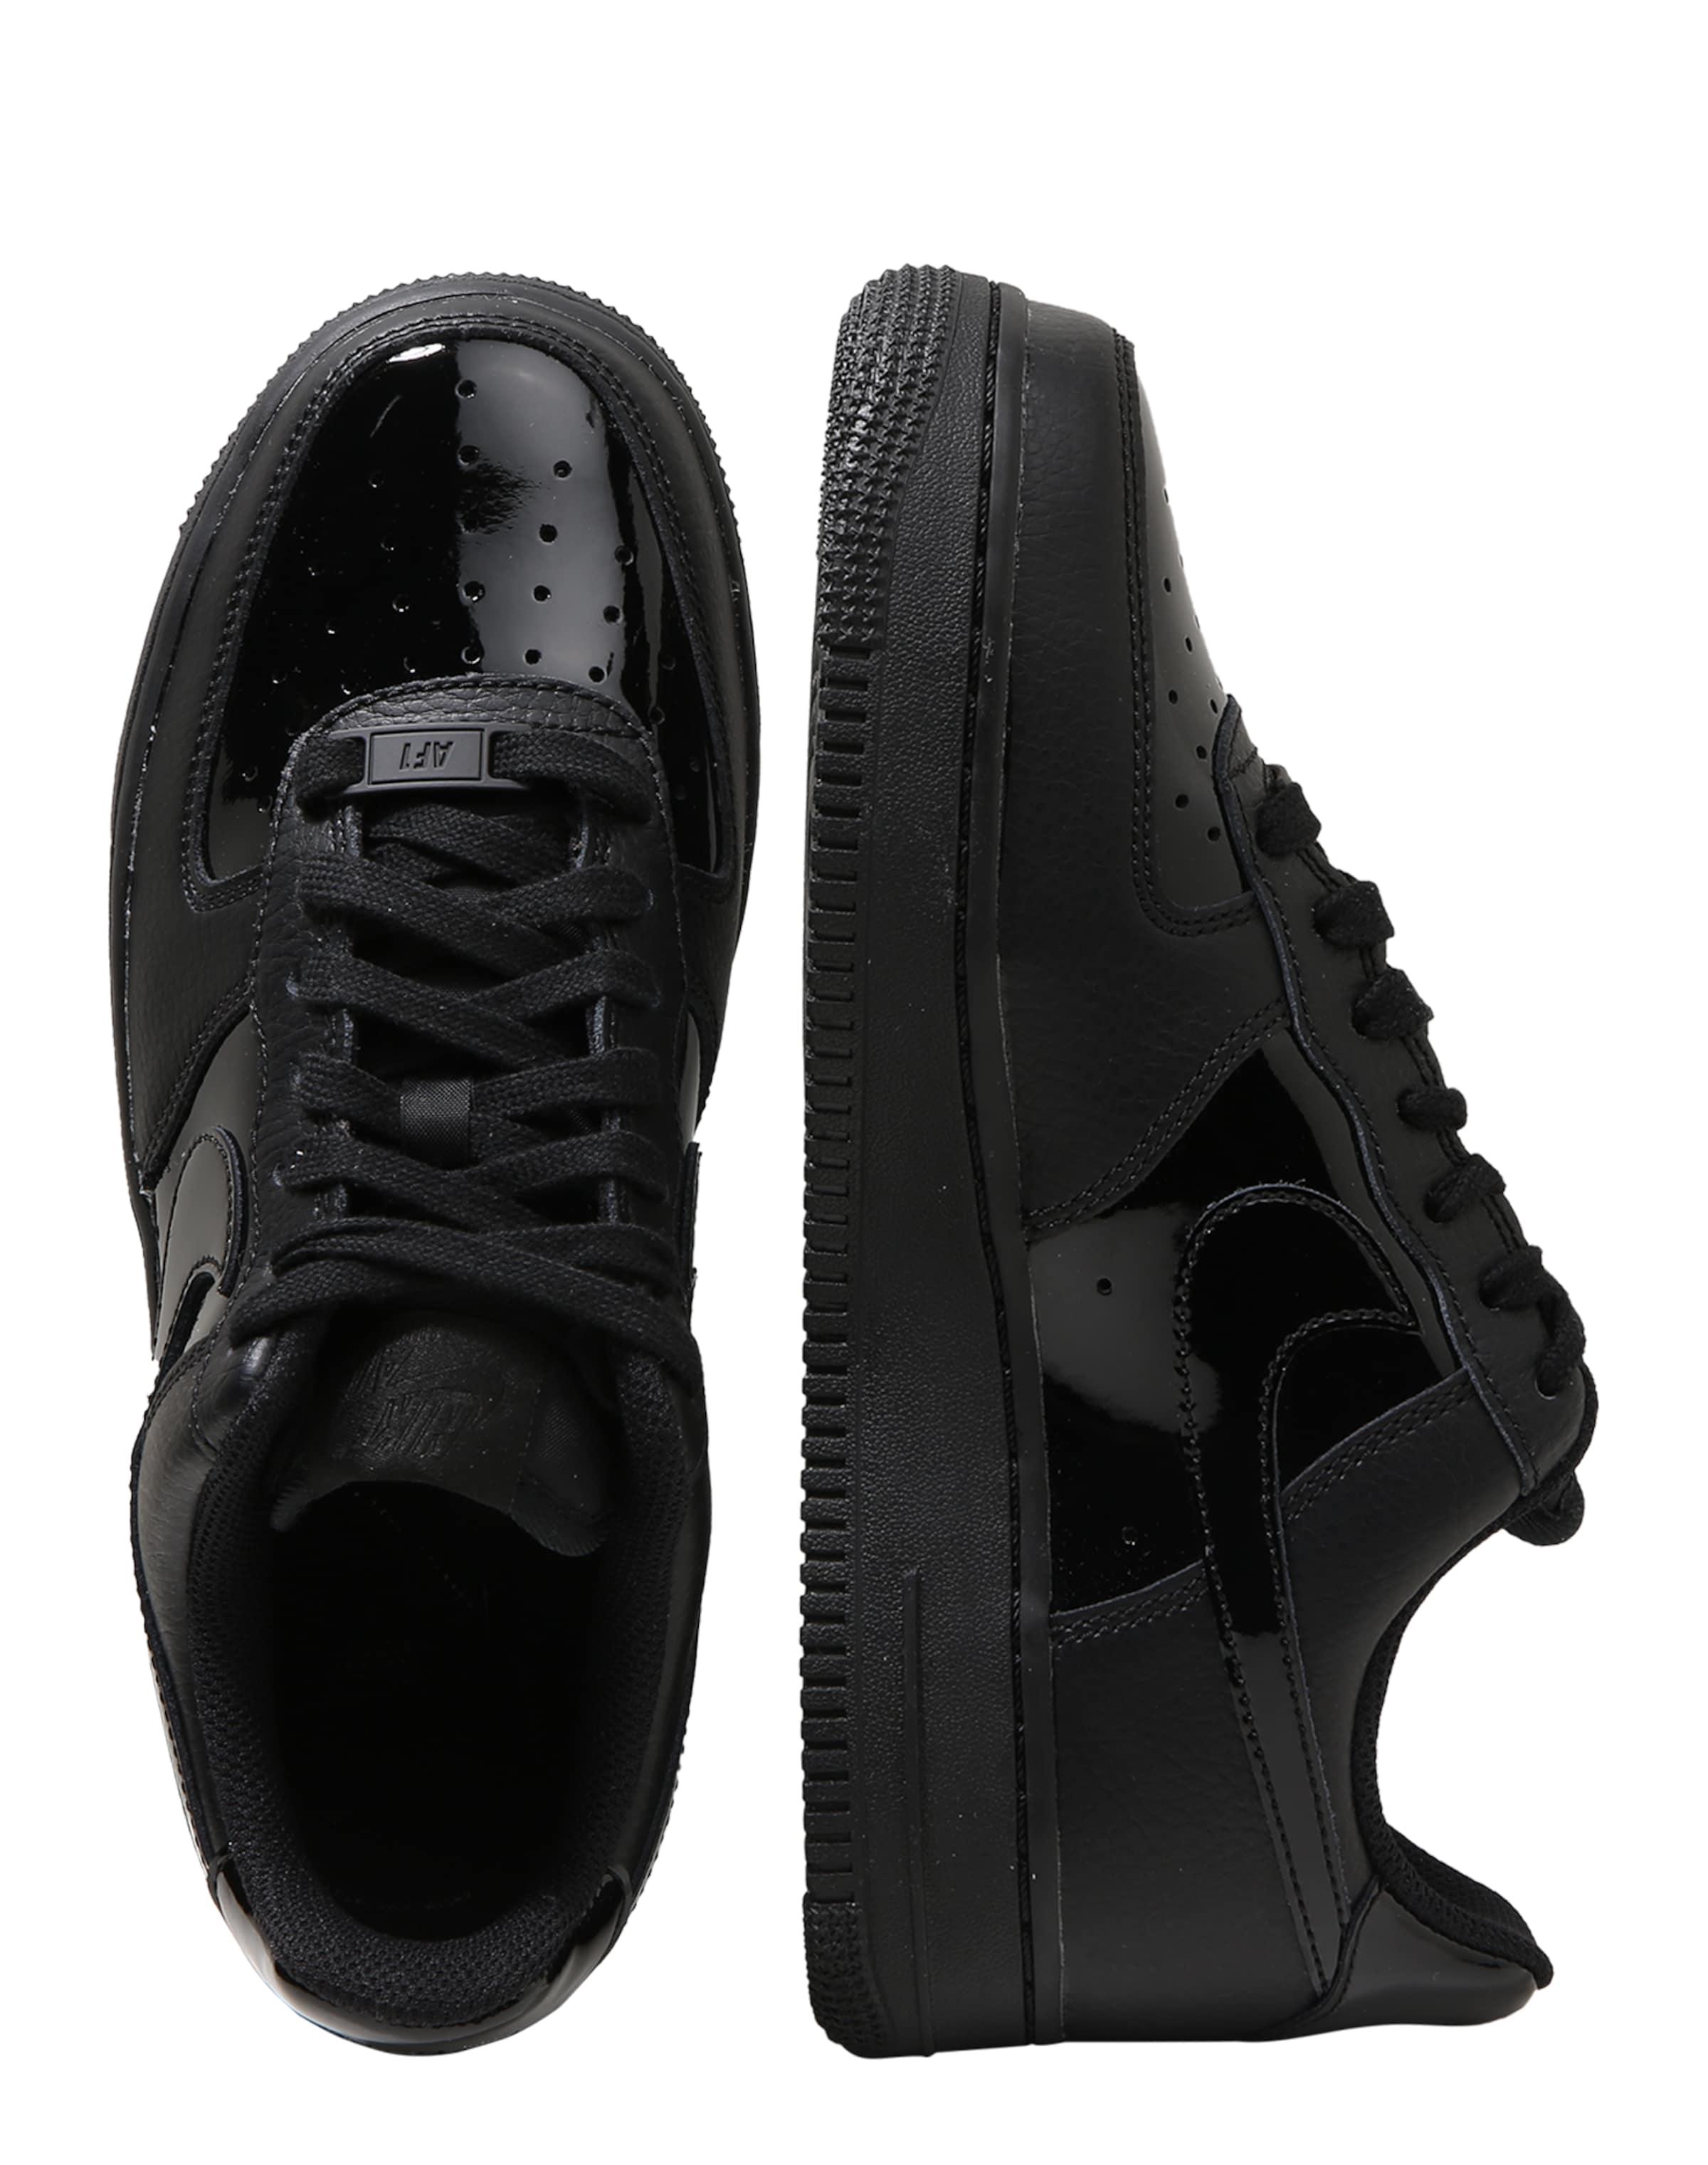 Spielraum Kosten Spielraum Fälschung Nike Sportswear Sneaker Low 'Air force 1 '07' Günstig Kaufen Verkauf Freiraum 100% Authentisch EkW9R